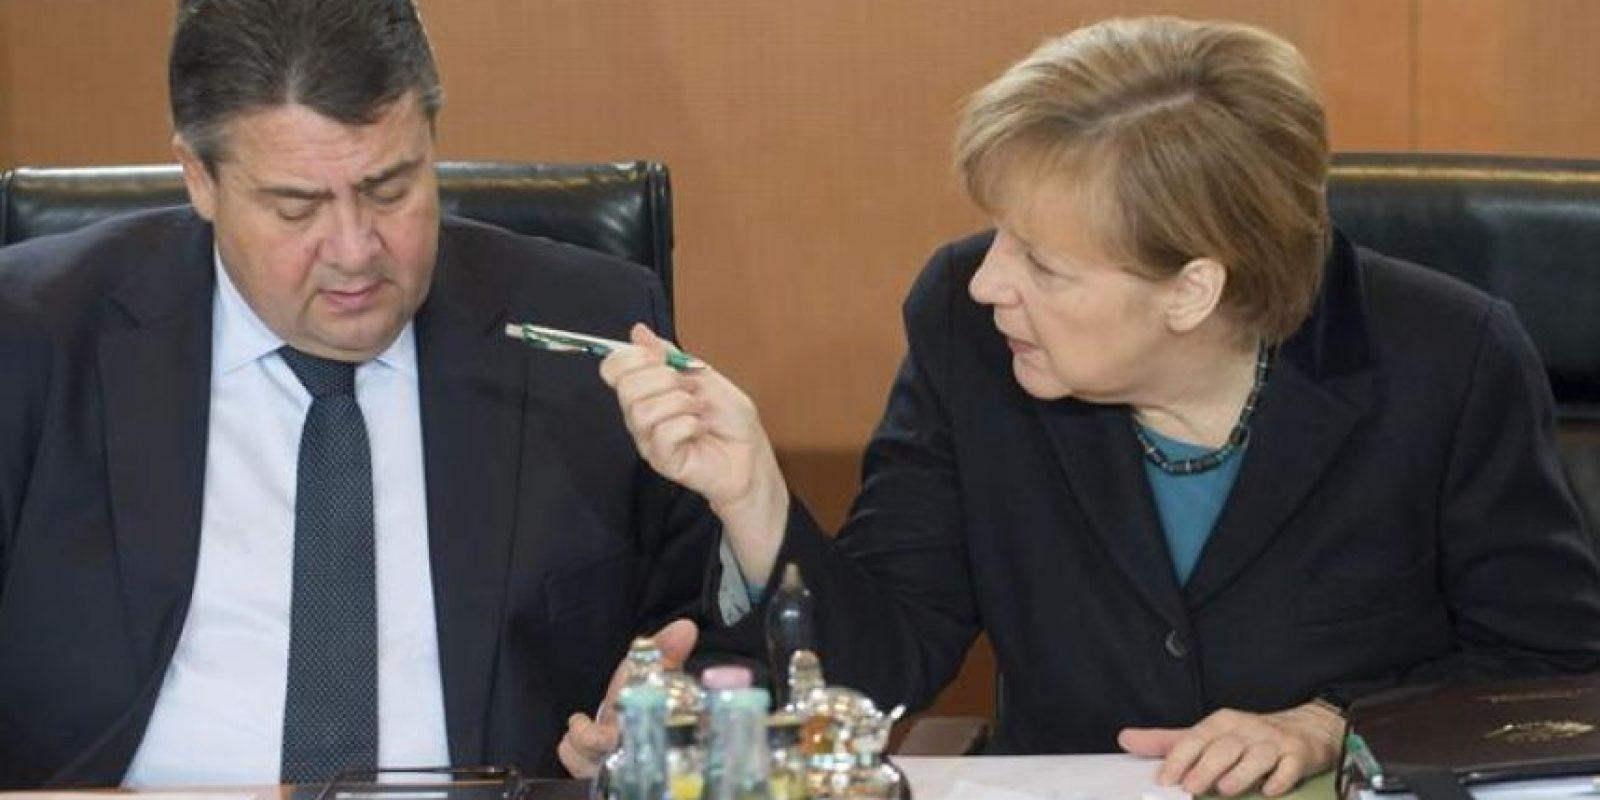 La canciller alemana, Angela Merkel (dcha), y el ministro de Economía y Energía, Sigmar Gabriel. EFE/Archivo